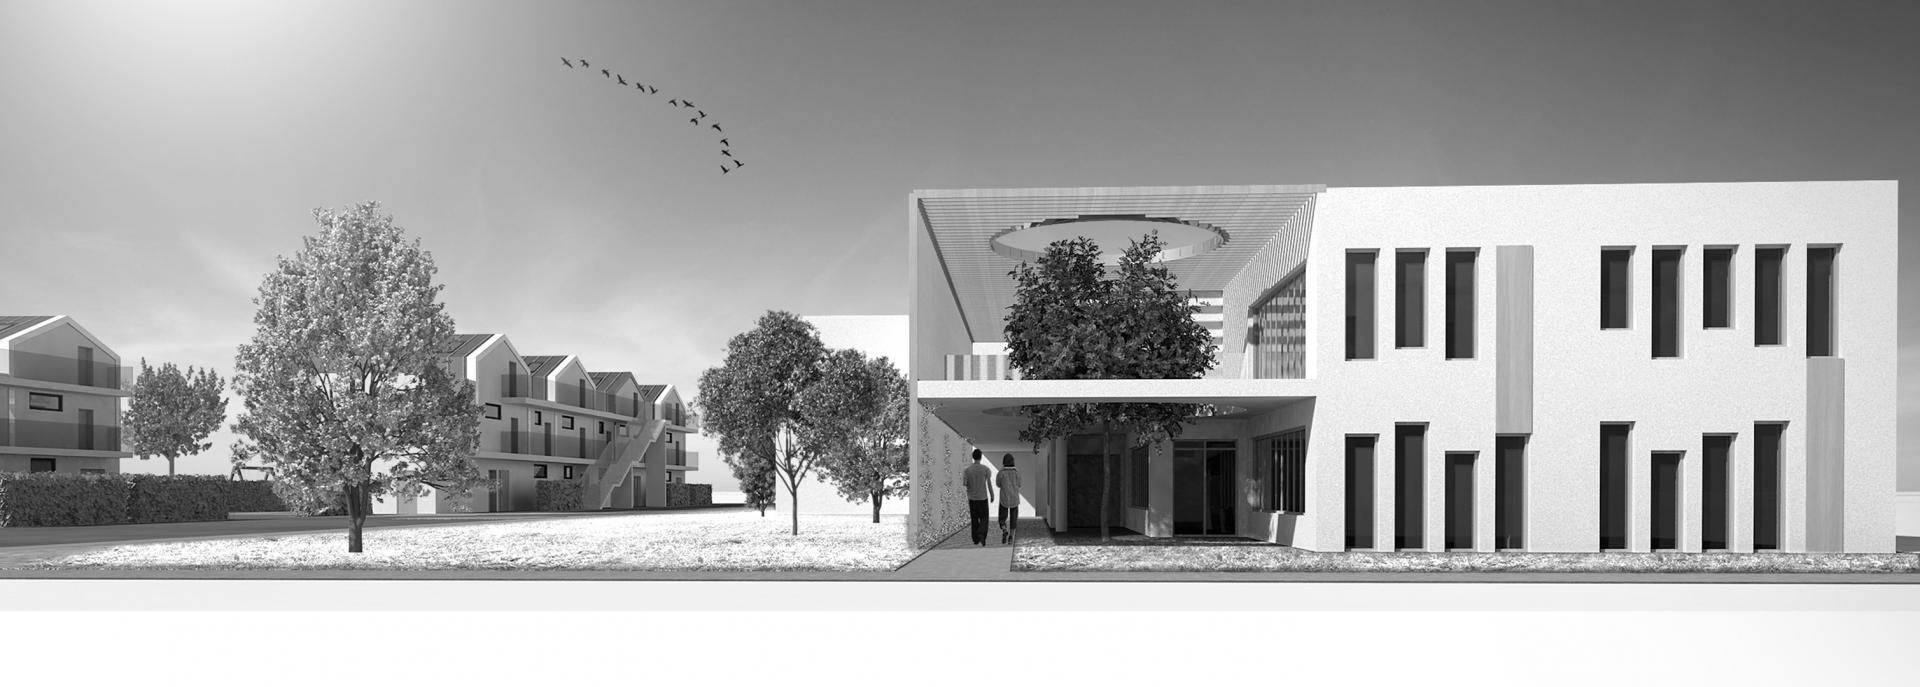 Nájomné bytové domy - Jarok